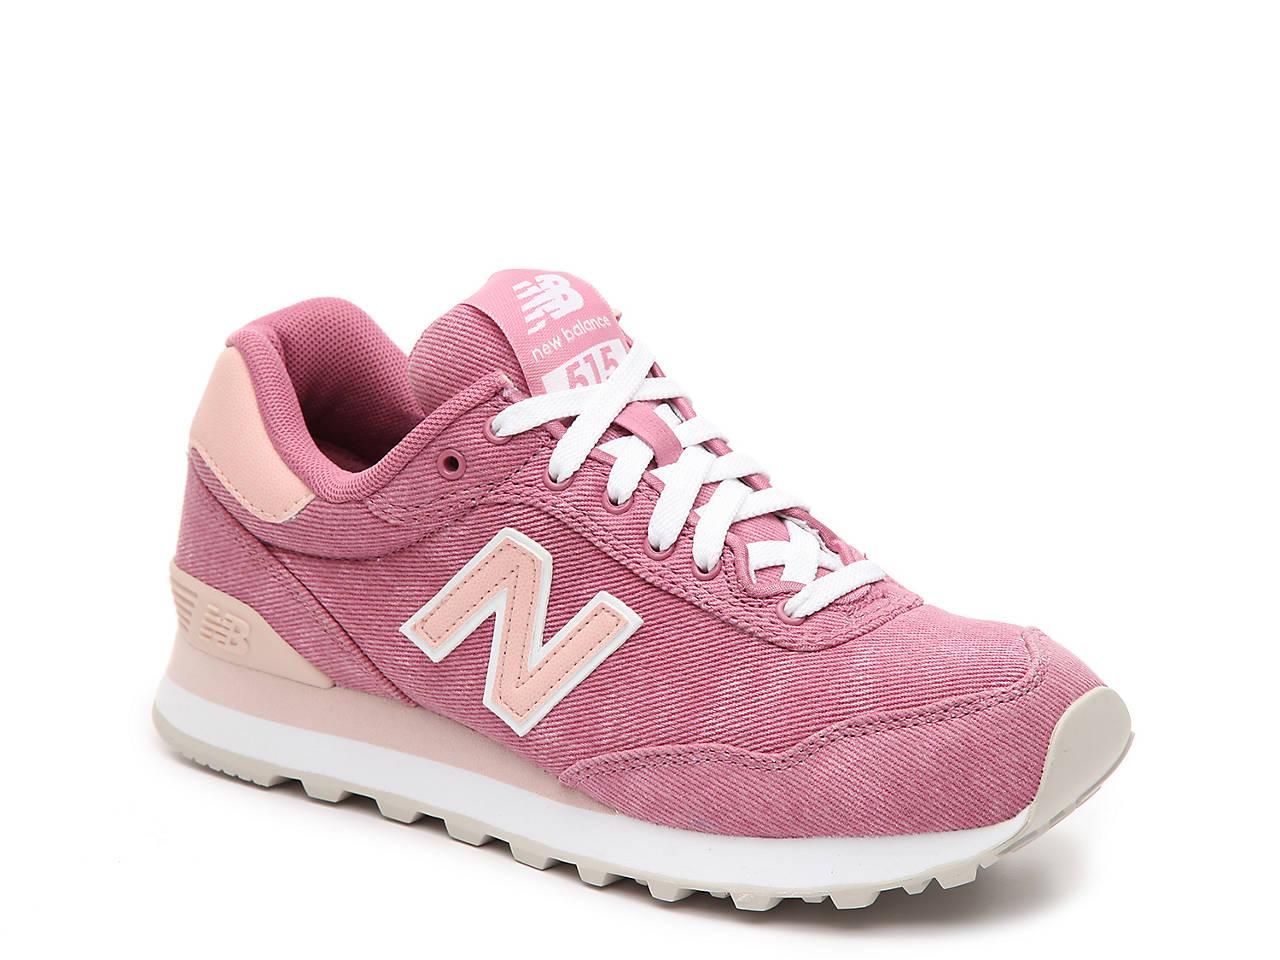 515 Sneaker Women's